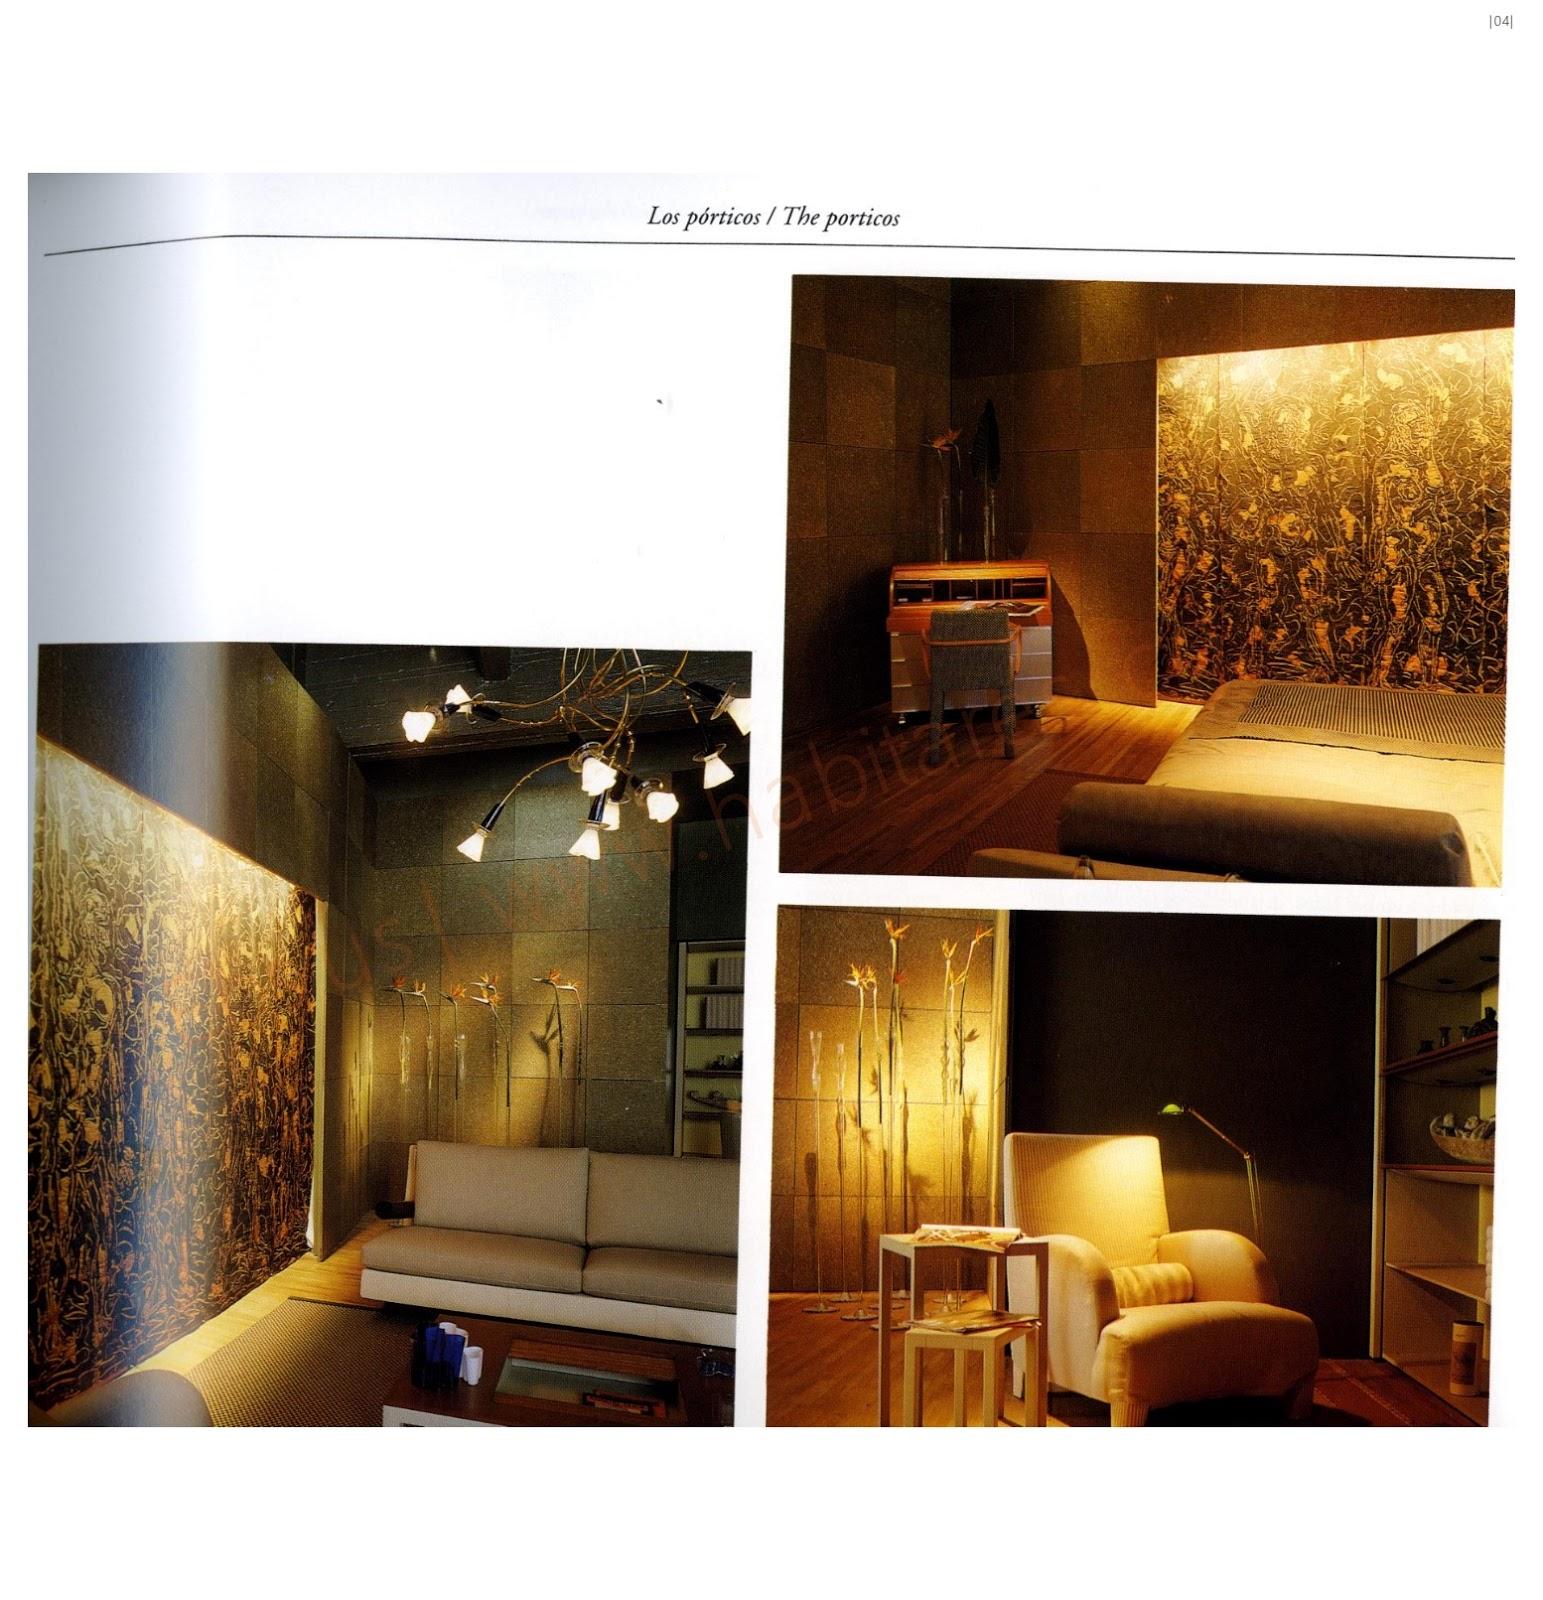 Design espace elite les plus beaux lofts - Les plus beaux lofts ...